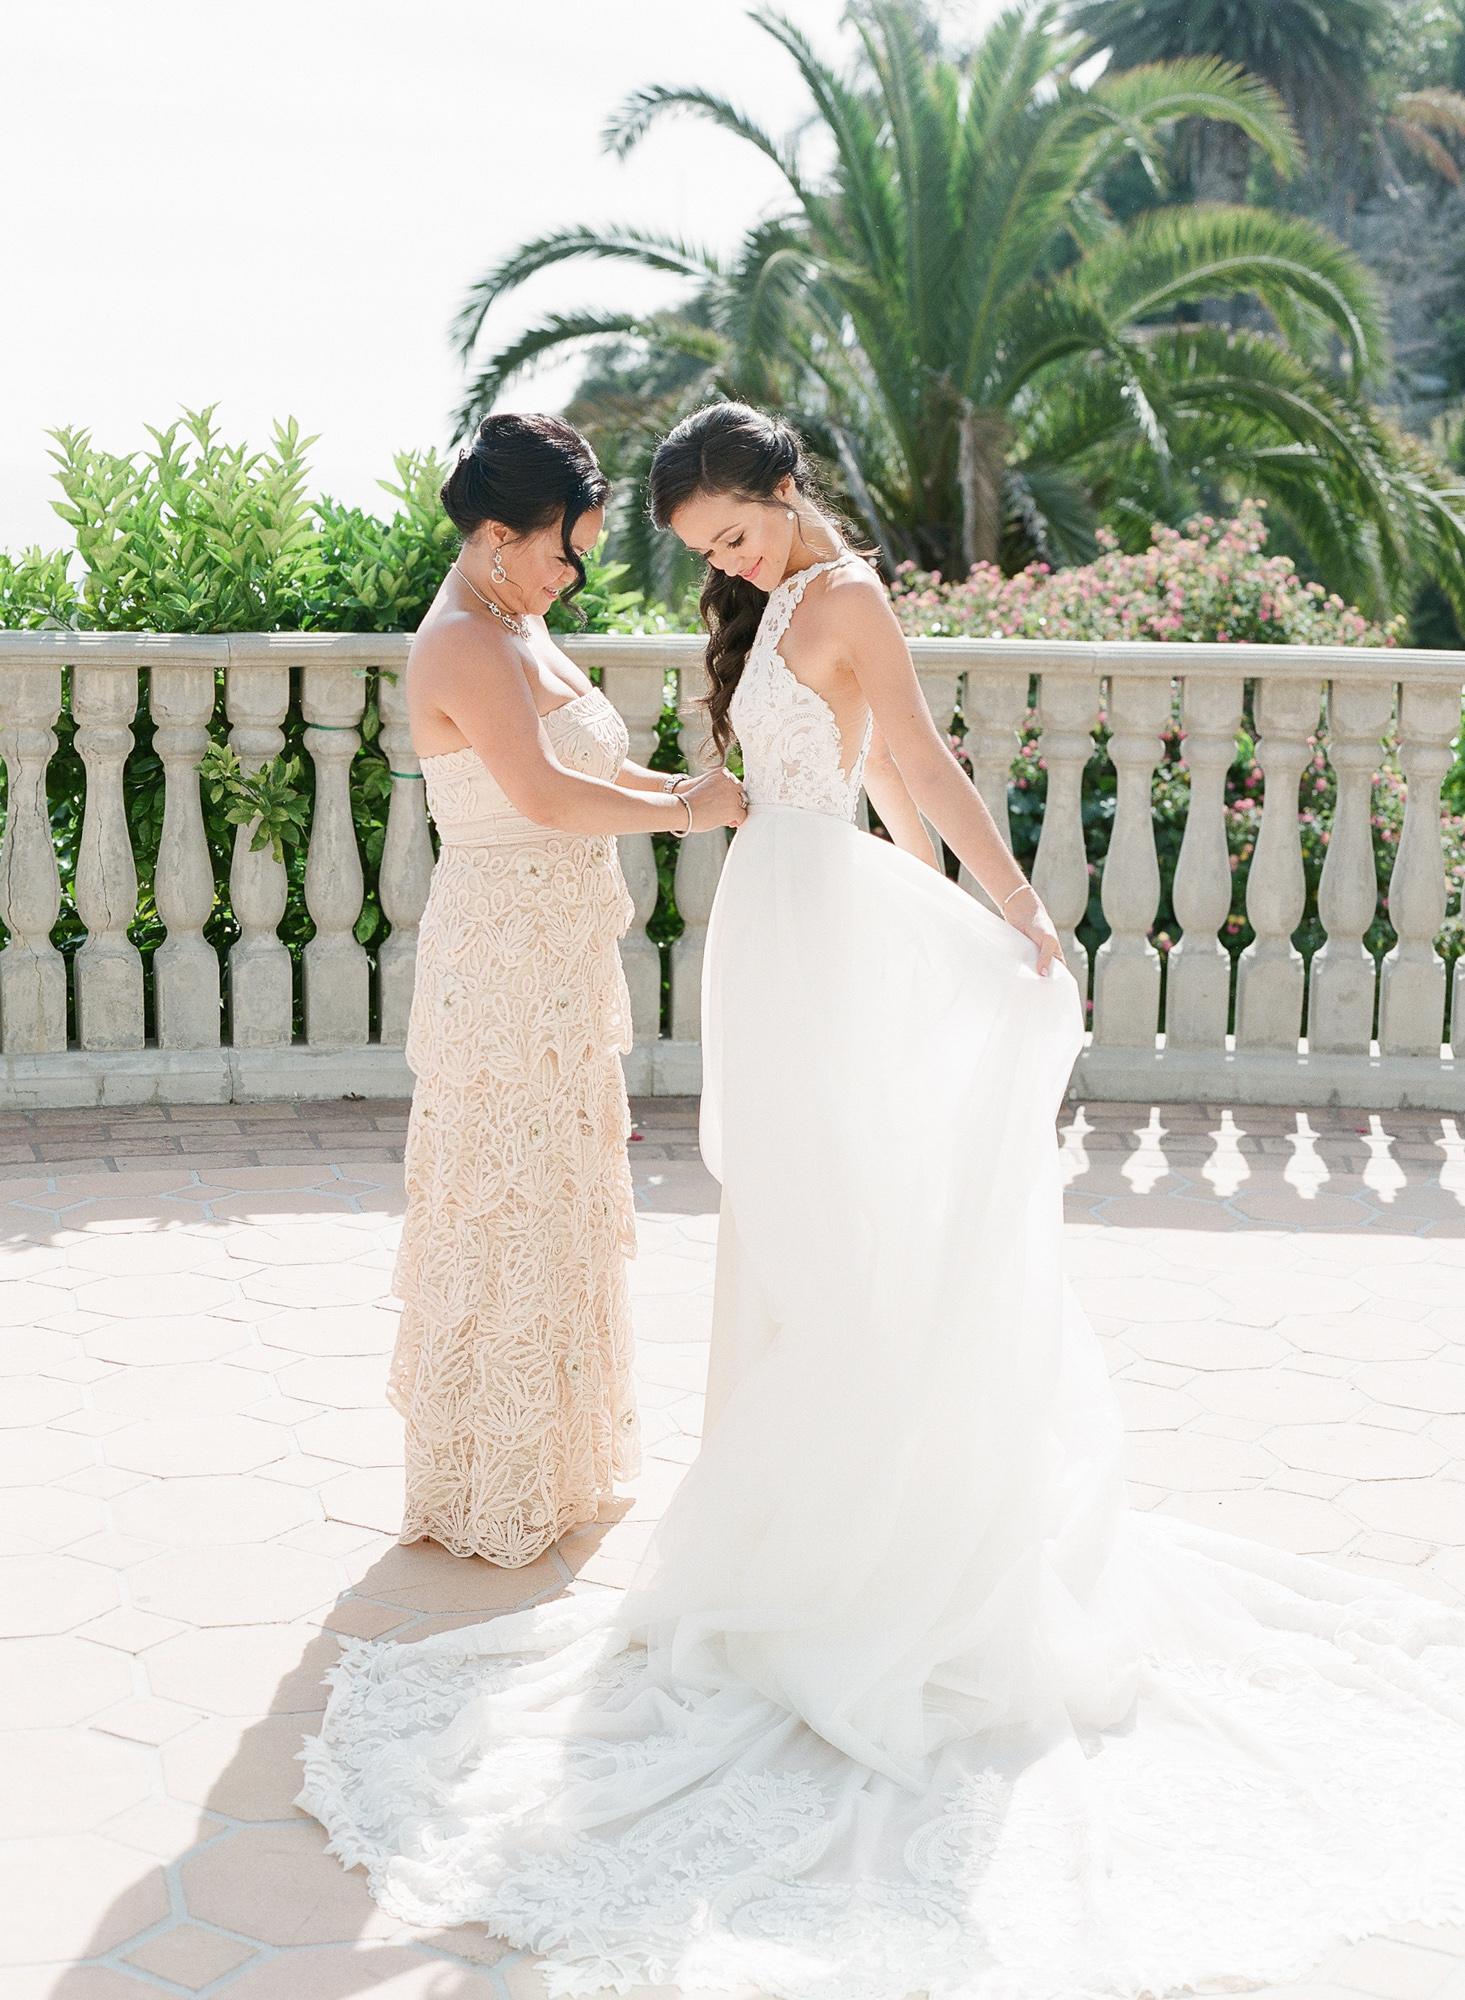 Bel-Air-Bay-Club-Wedding-Film-9.jpg